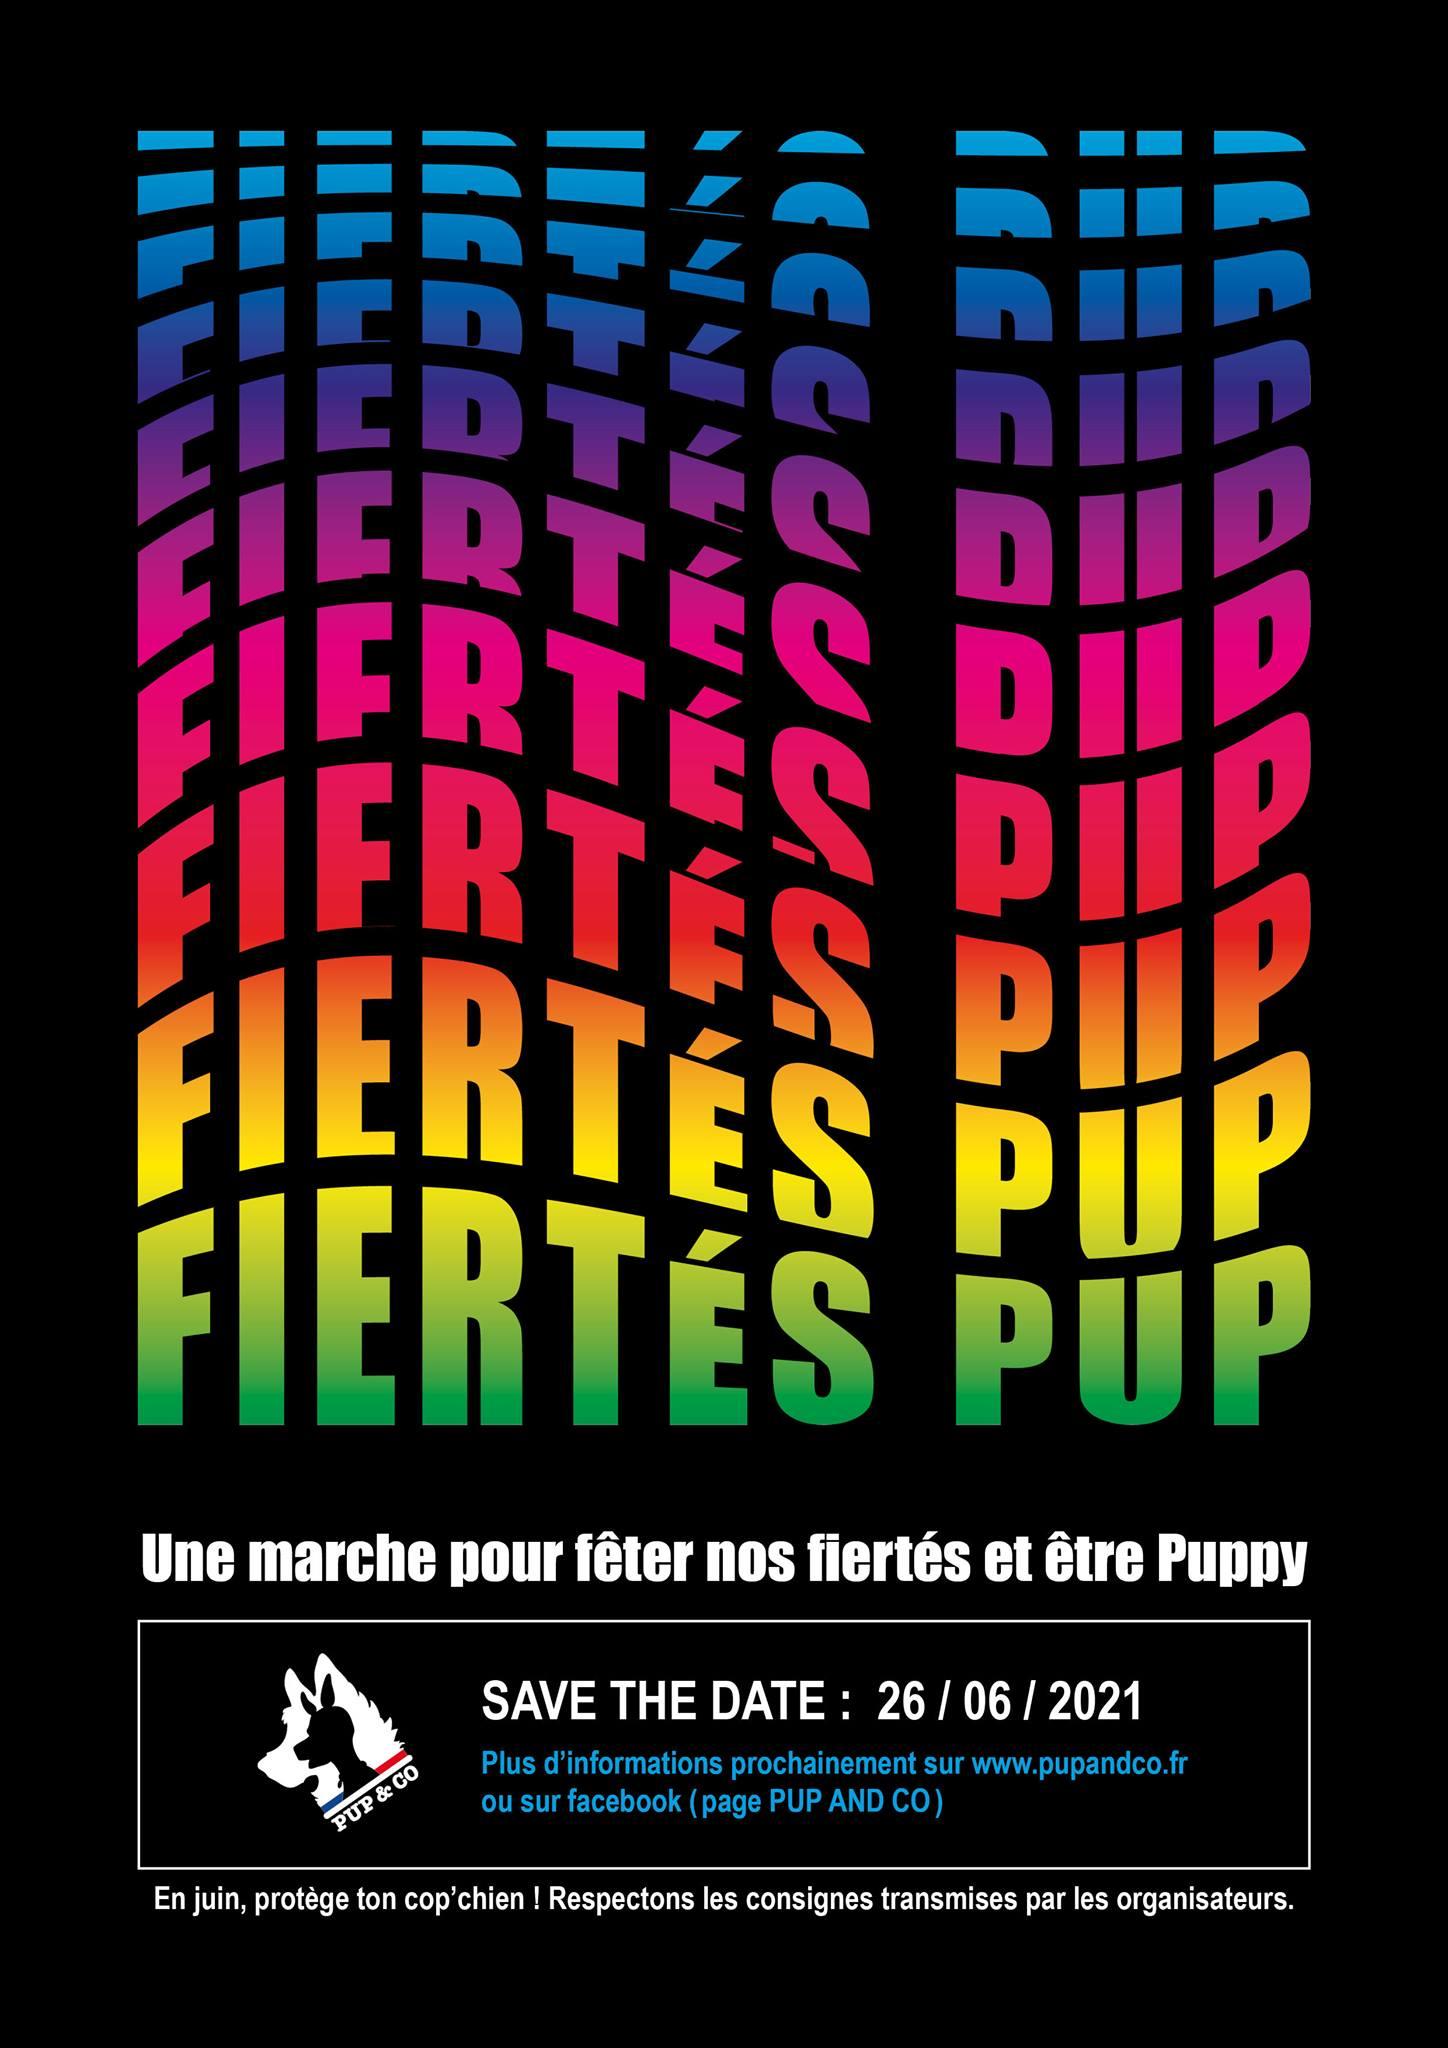 2021-06-26 - Fiertés Pup (Marche des fiertés de Paris)